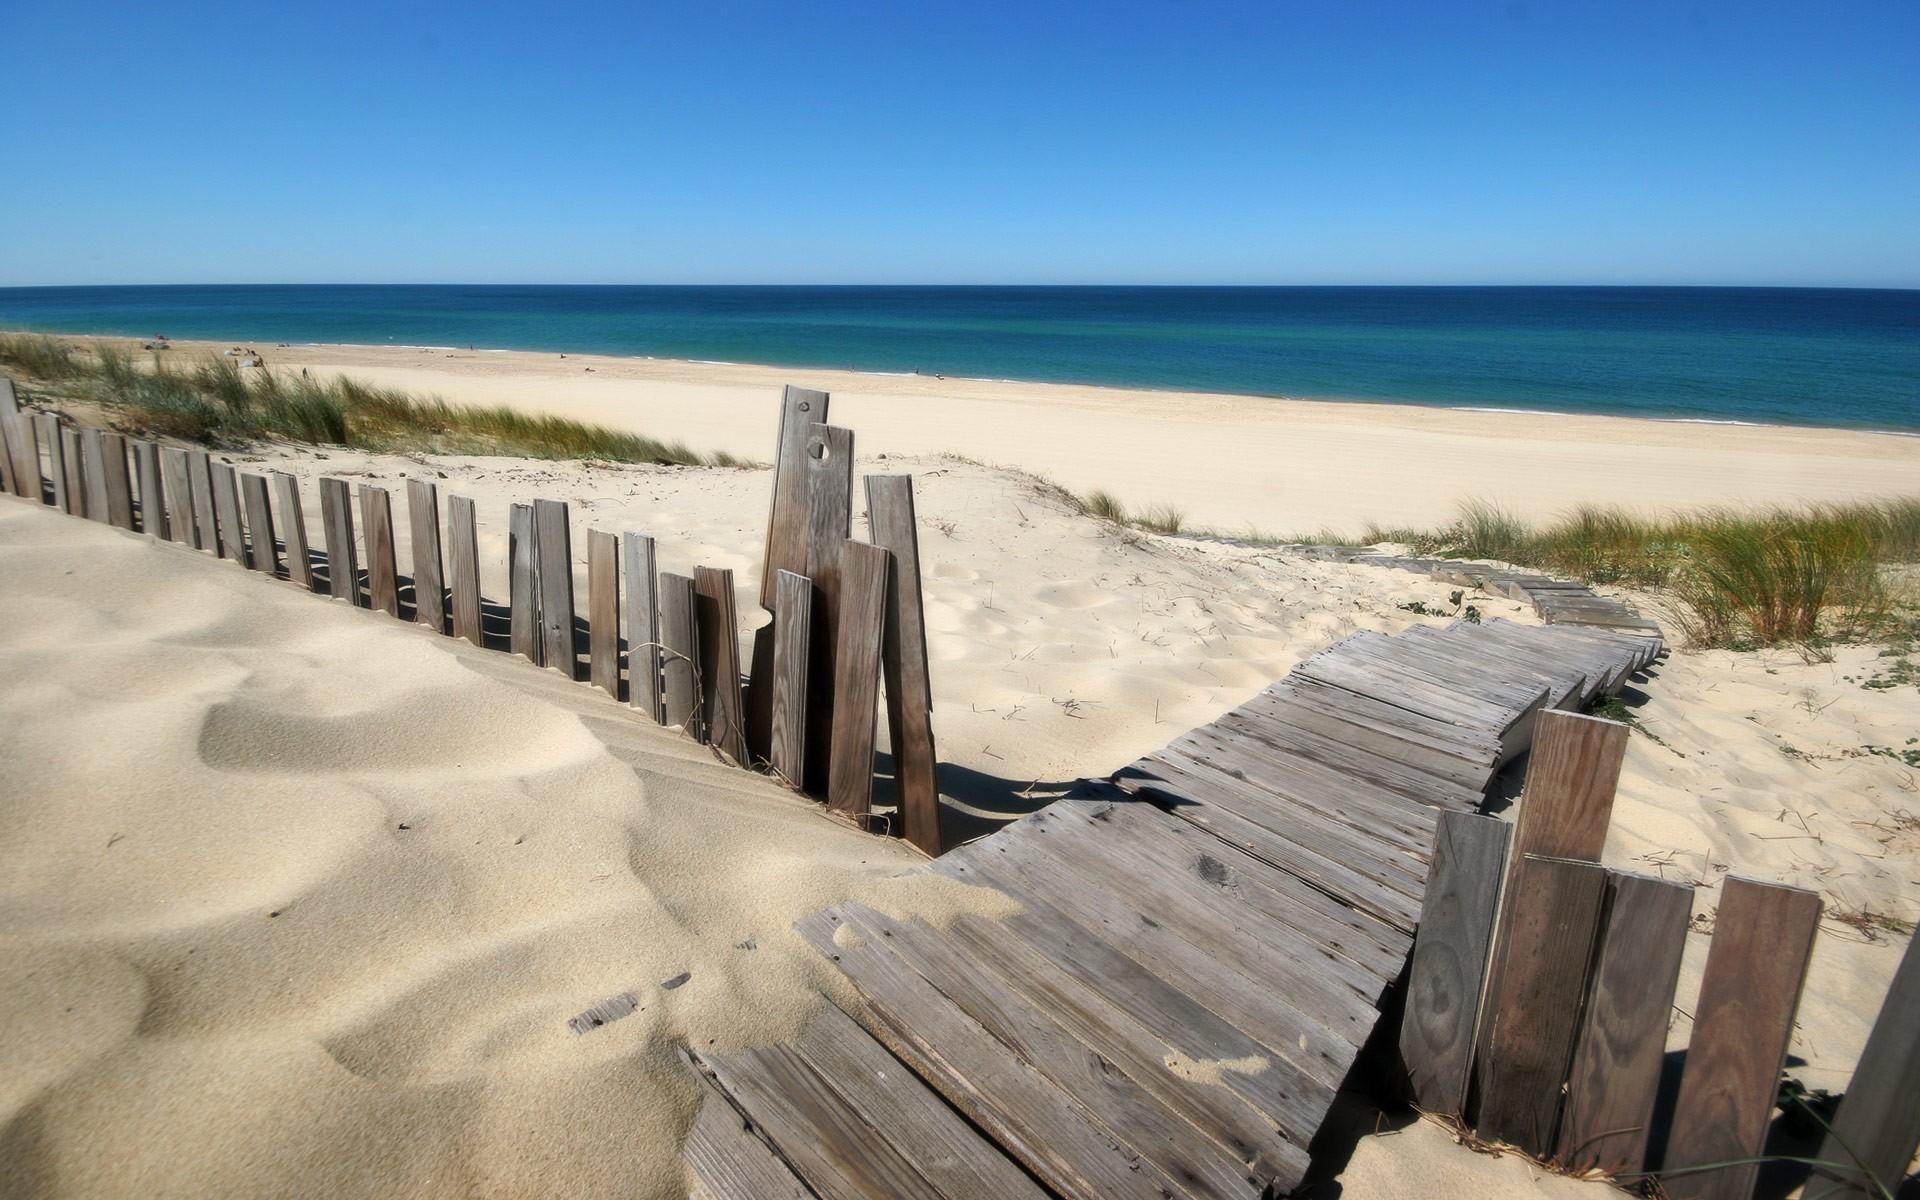 каждый фото море домики песок что-либо